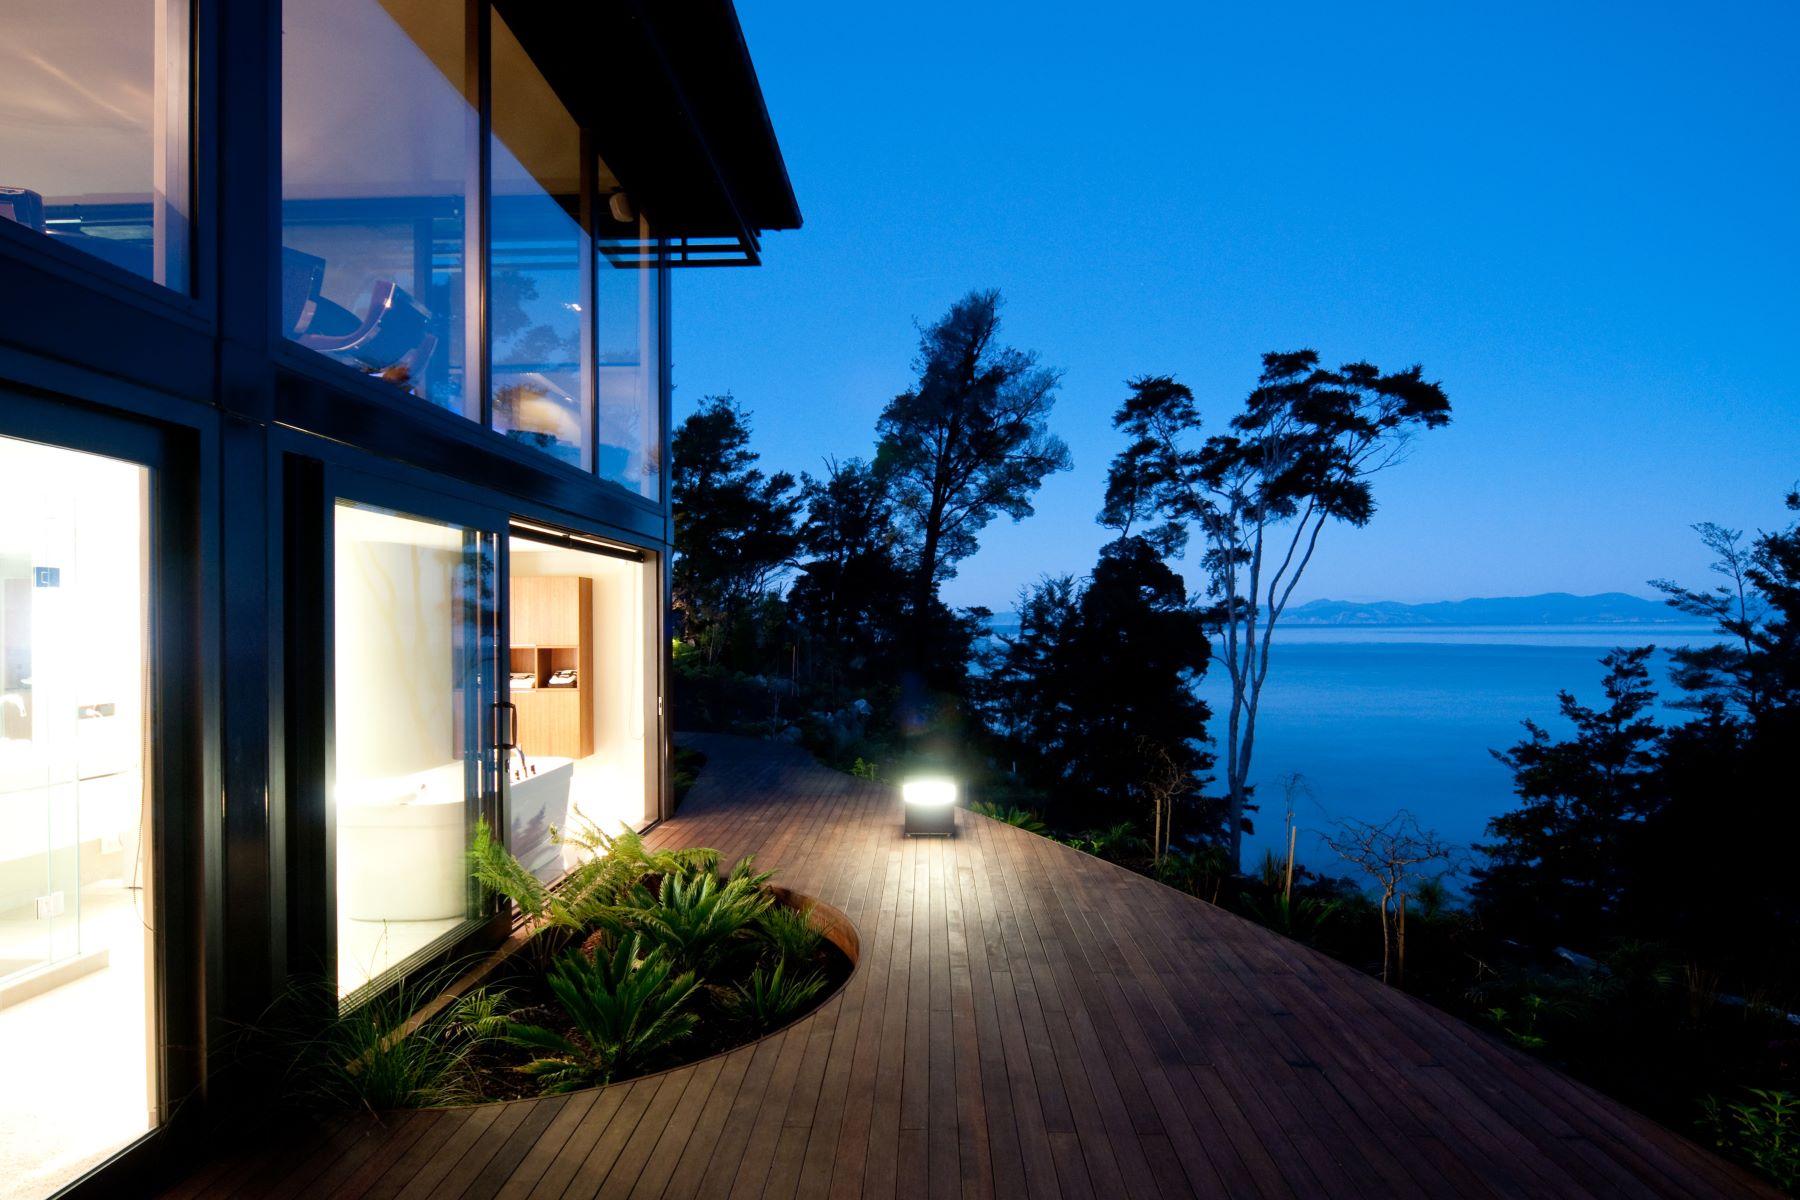 부분 소유권 용 매매 에 Split Apple Hideaway 44 Venture Cove Way Kaiteriteri Other New Zealand, 뉴질랜드의 기타 지역, 7197 뉴질랜드